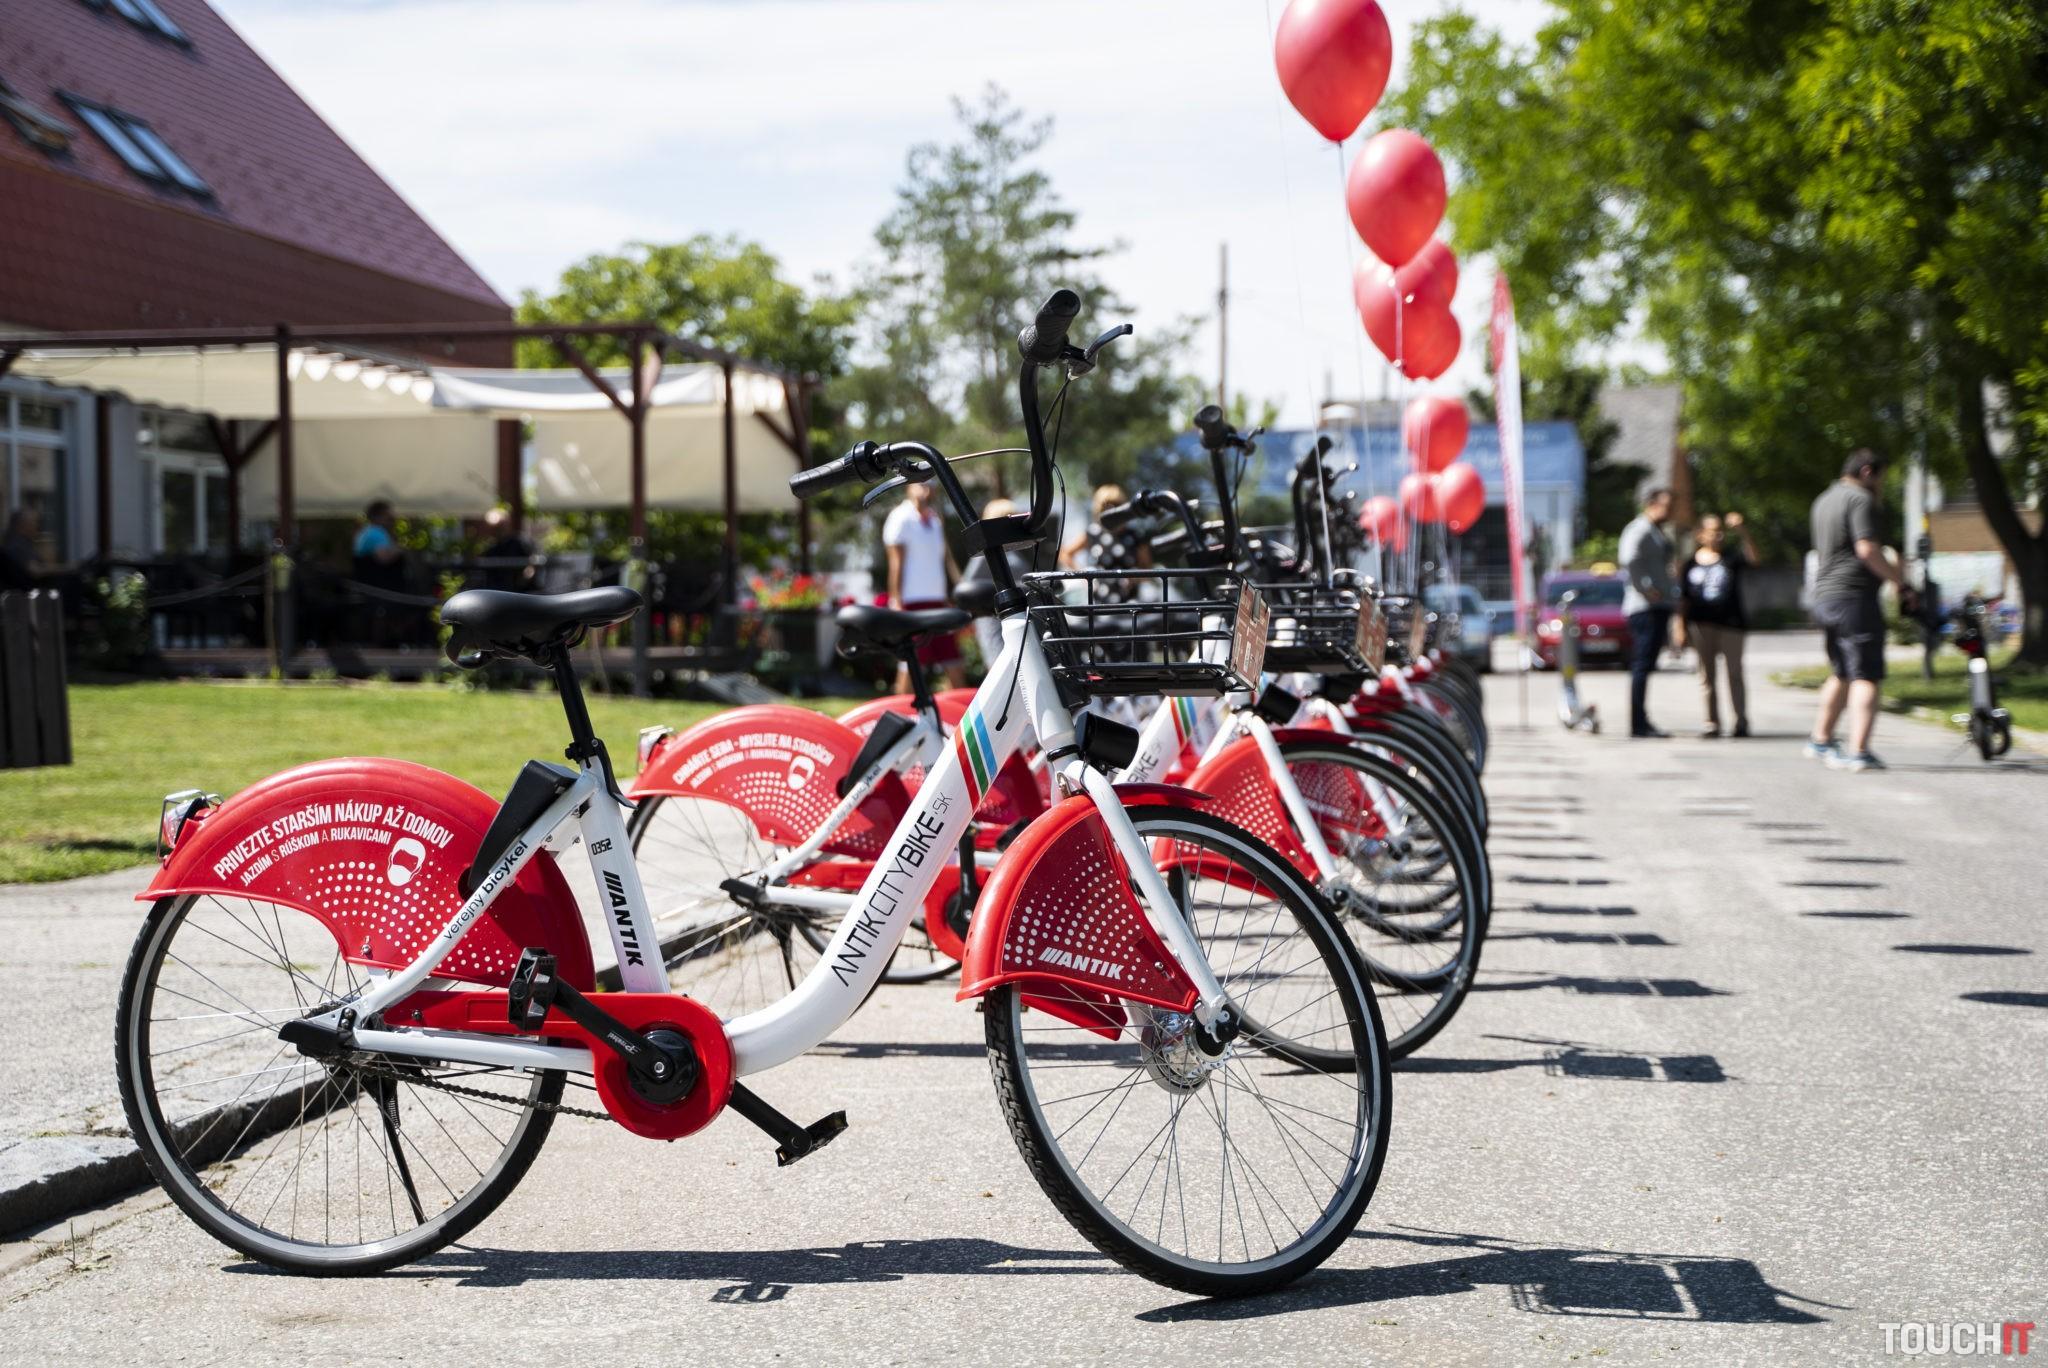 Takto vyzerajú bicykel, ktoré si môžete požičať